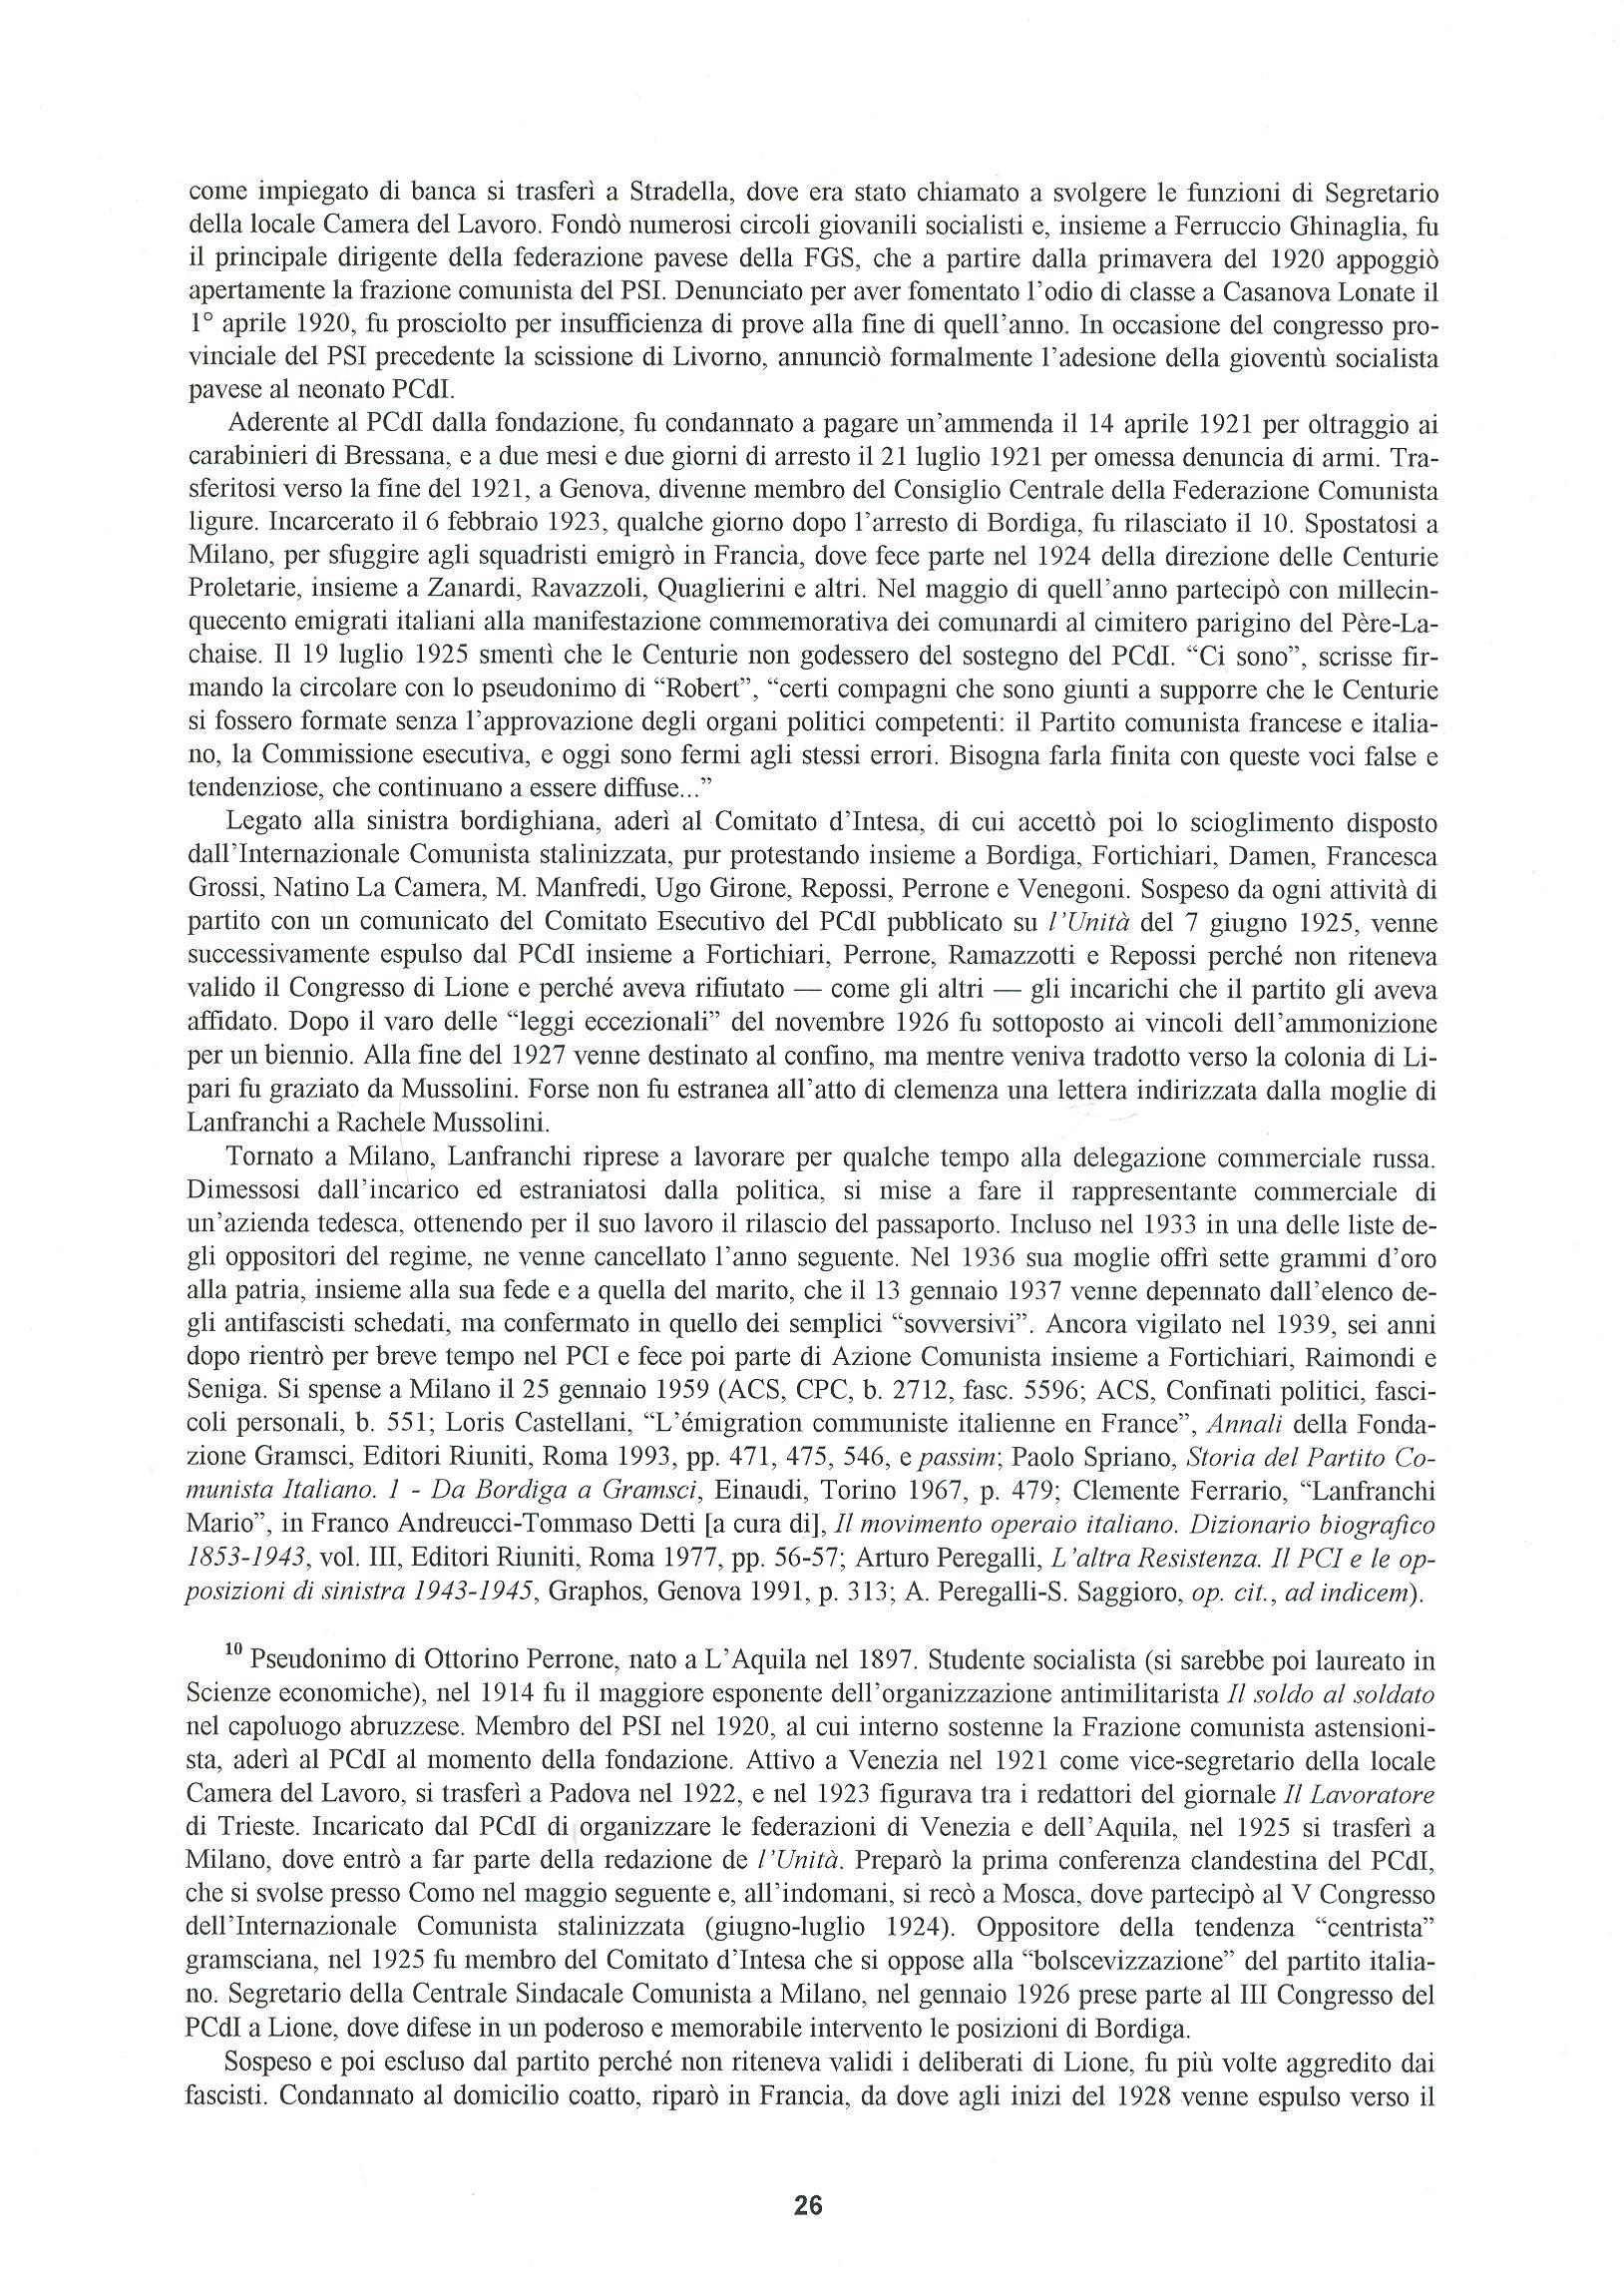 Quaderni del Centro Studi Pietro Tresso (1996-2009) n. 14 (novembre 1998) - pag. 27